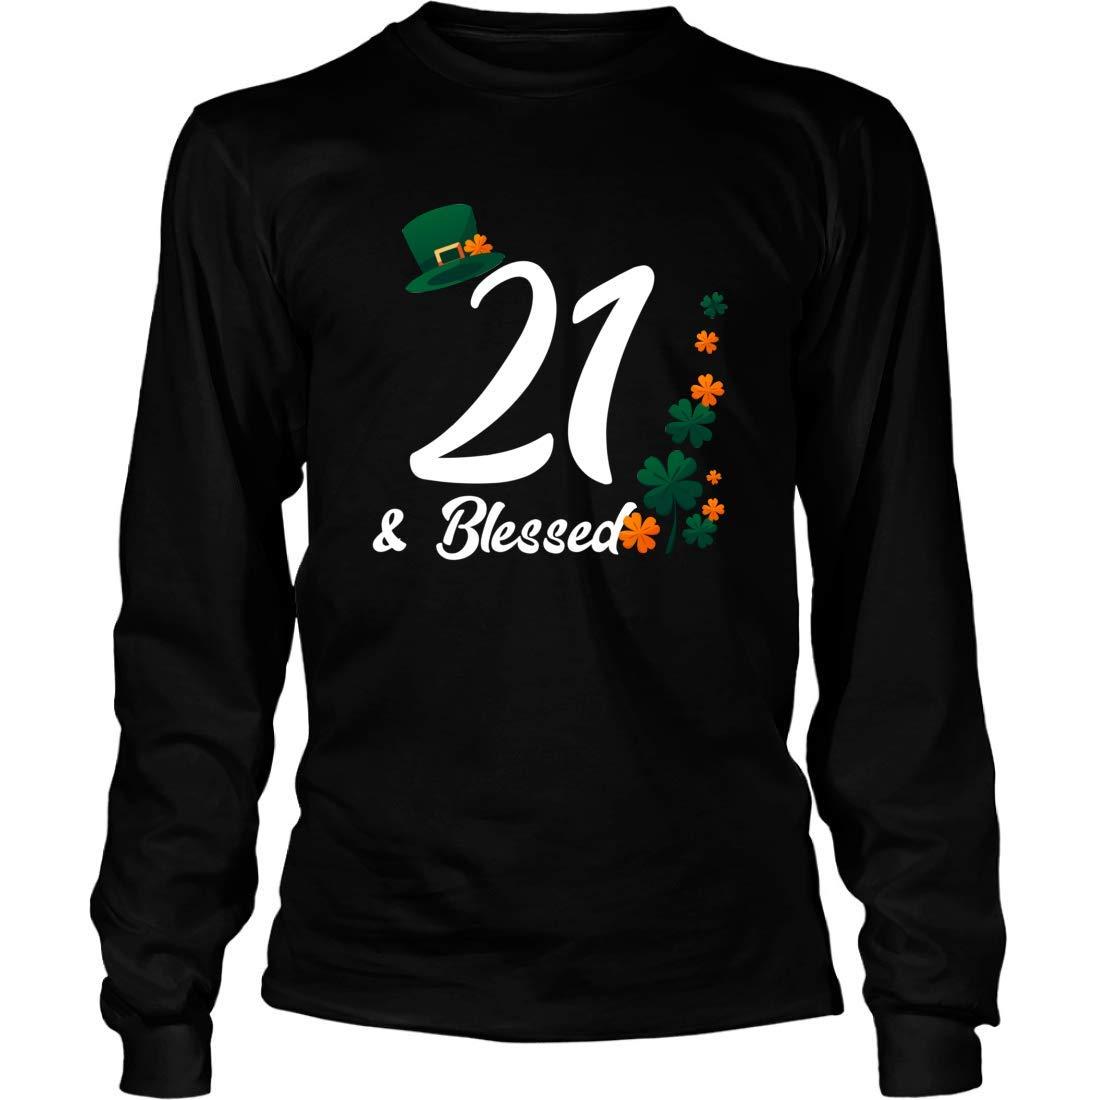 Shirts Gifts for 21st Birthday Irish Mishozi 21st and Blessed Ireland Long Sleeve T-Shirt Unisex